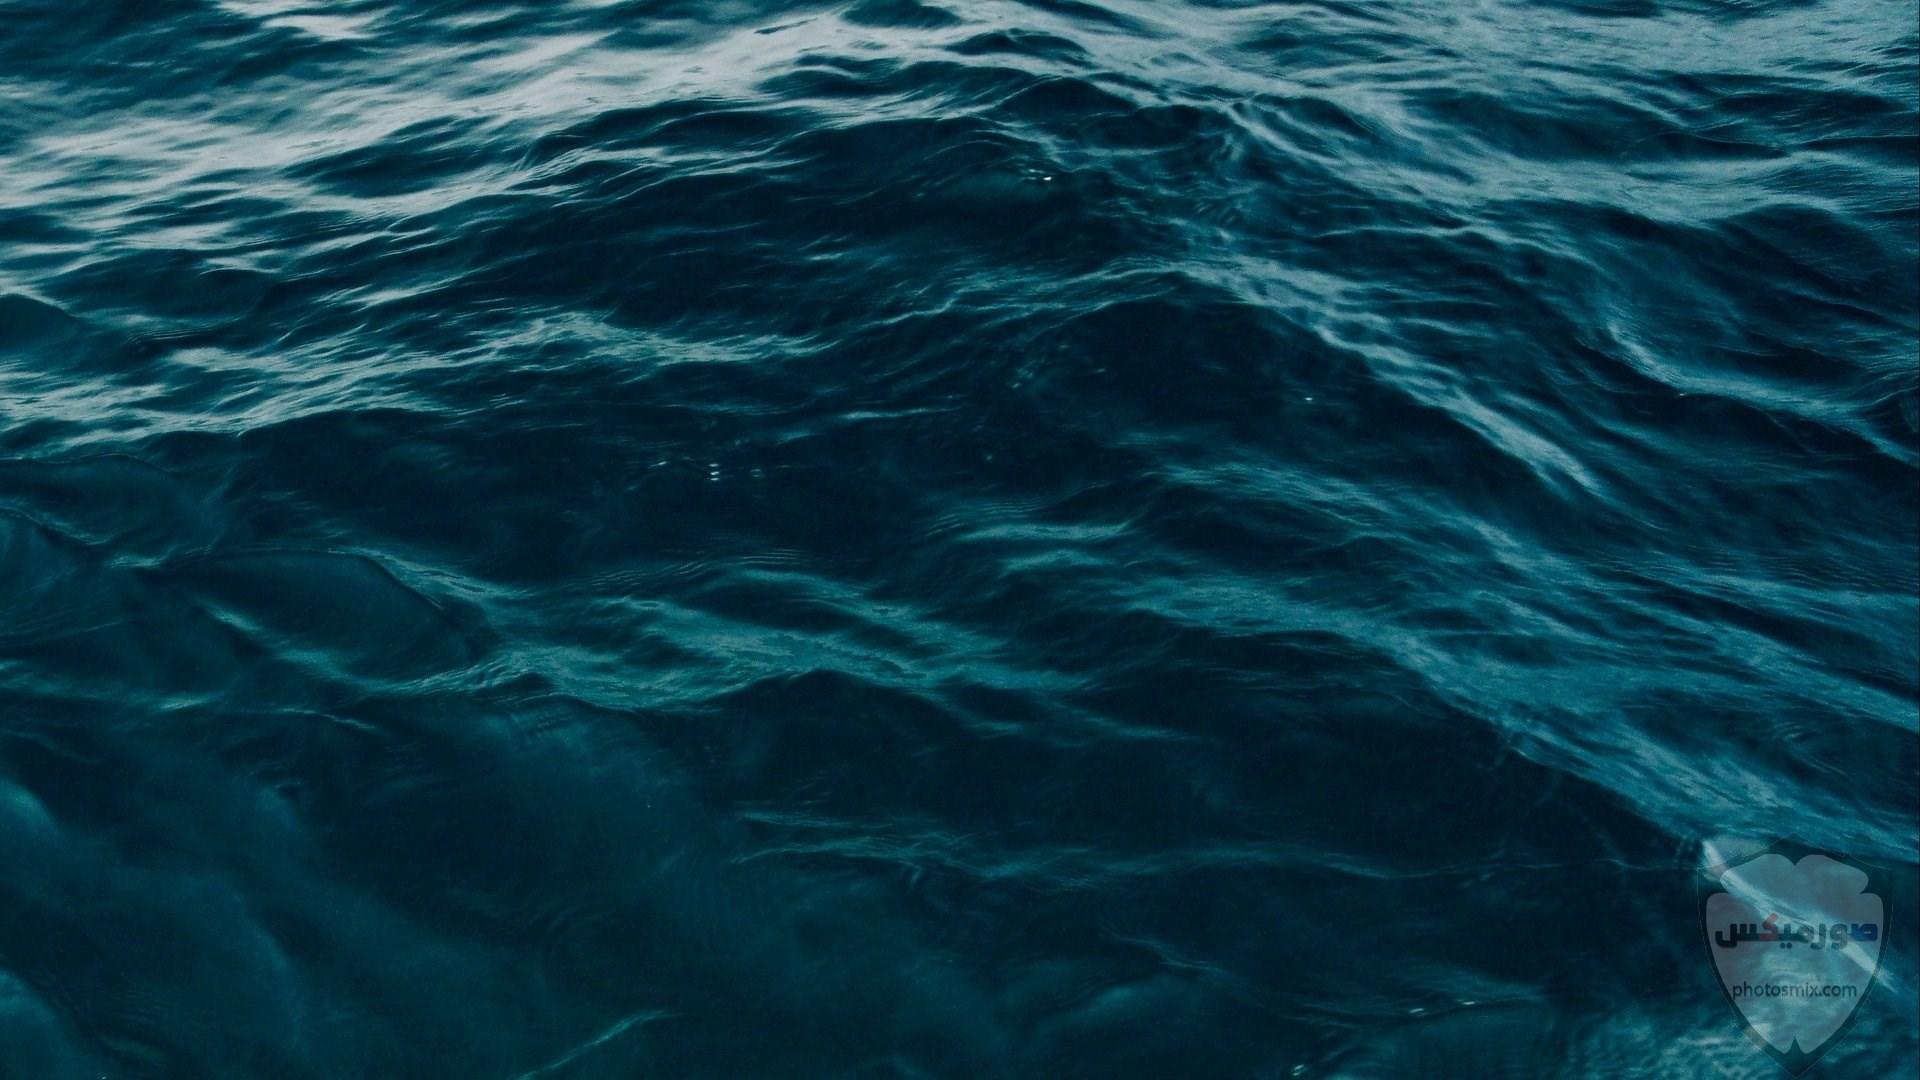 صور البحر 2020 خلفيات بحر وسفن للفوتوشوب 6